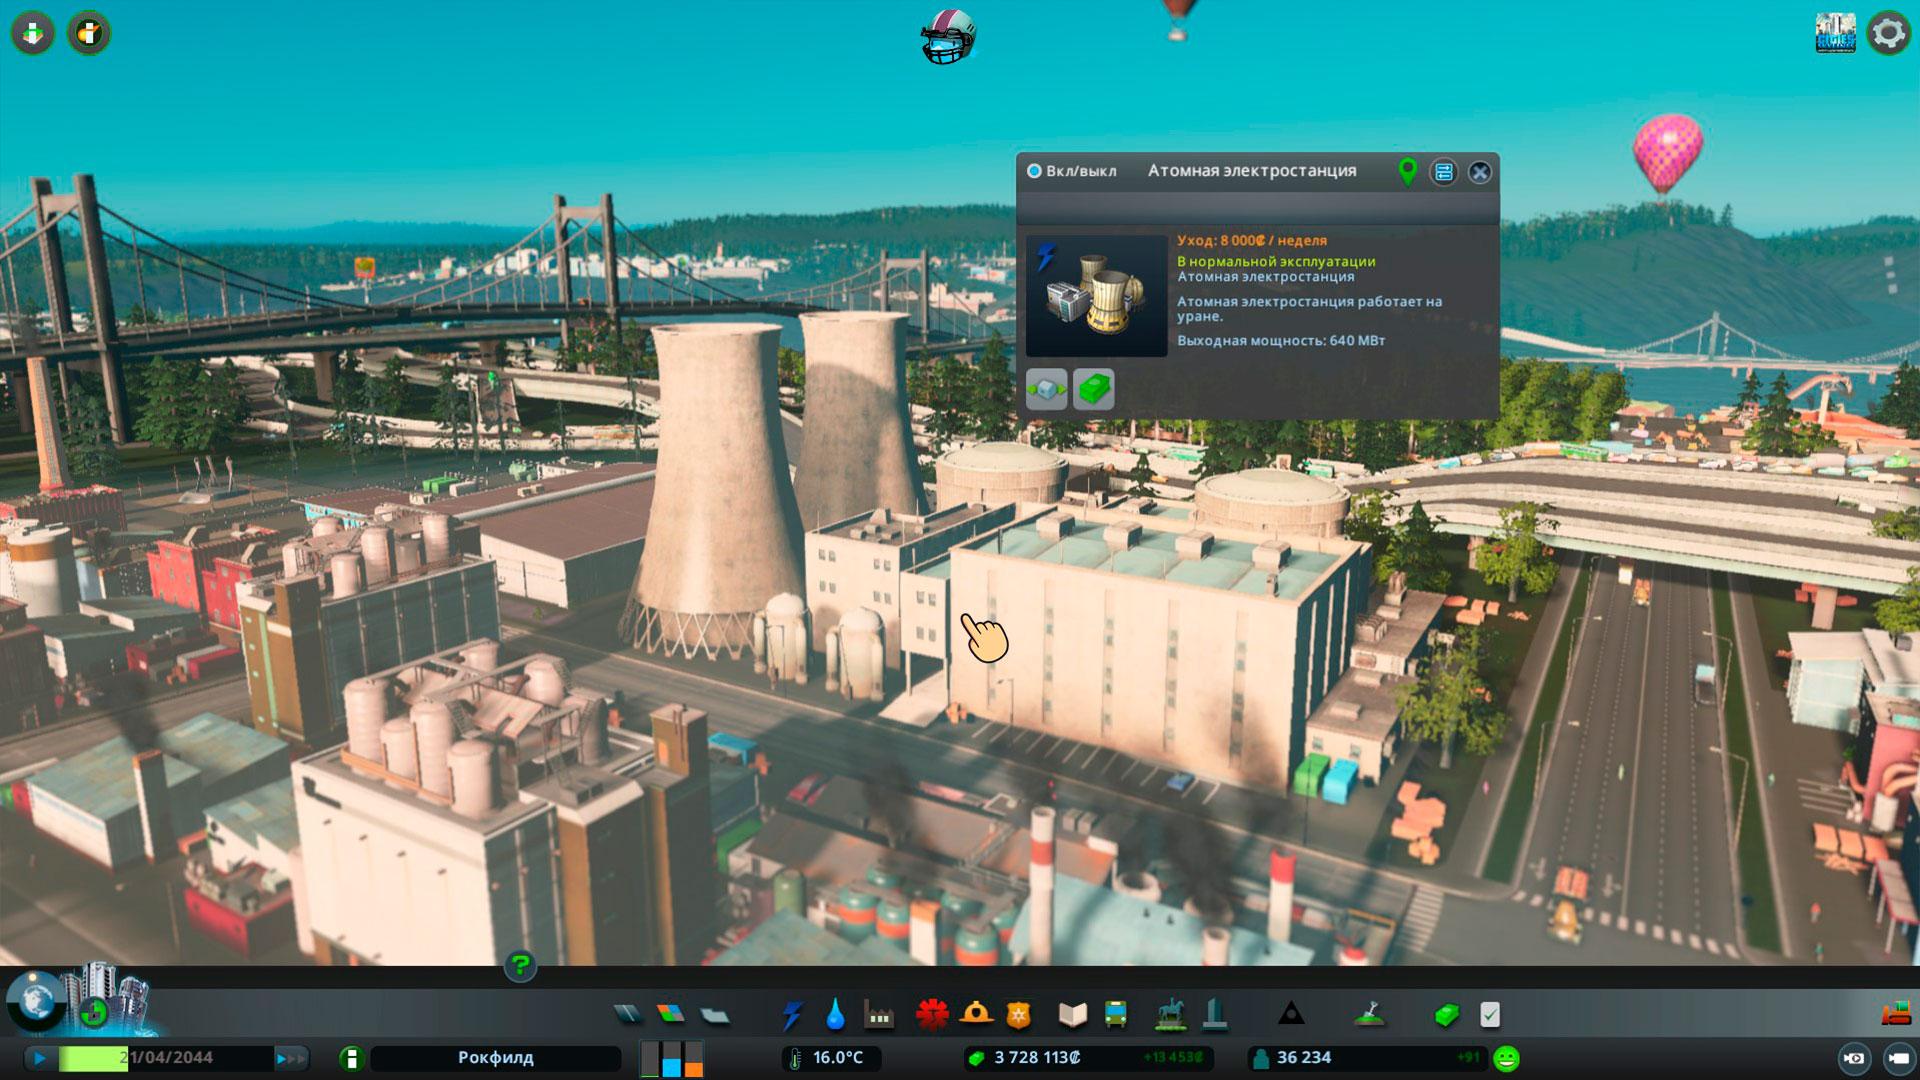 Атомная станция cities skylines